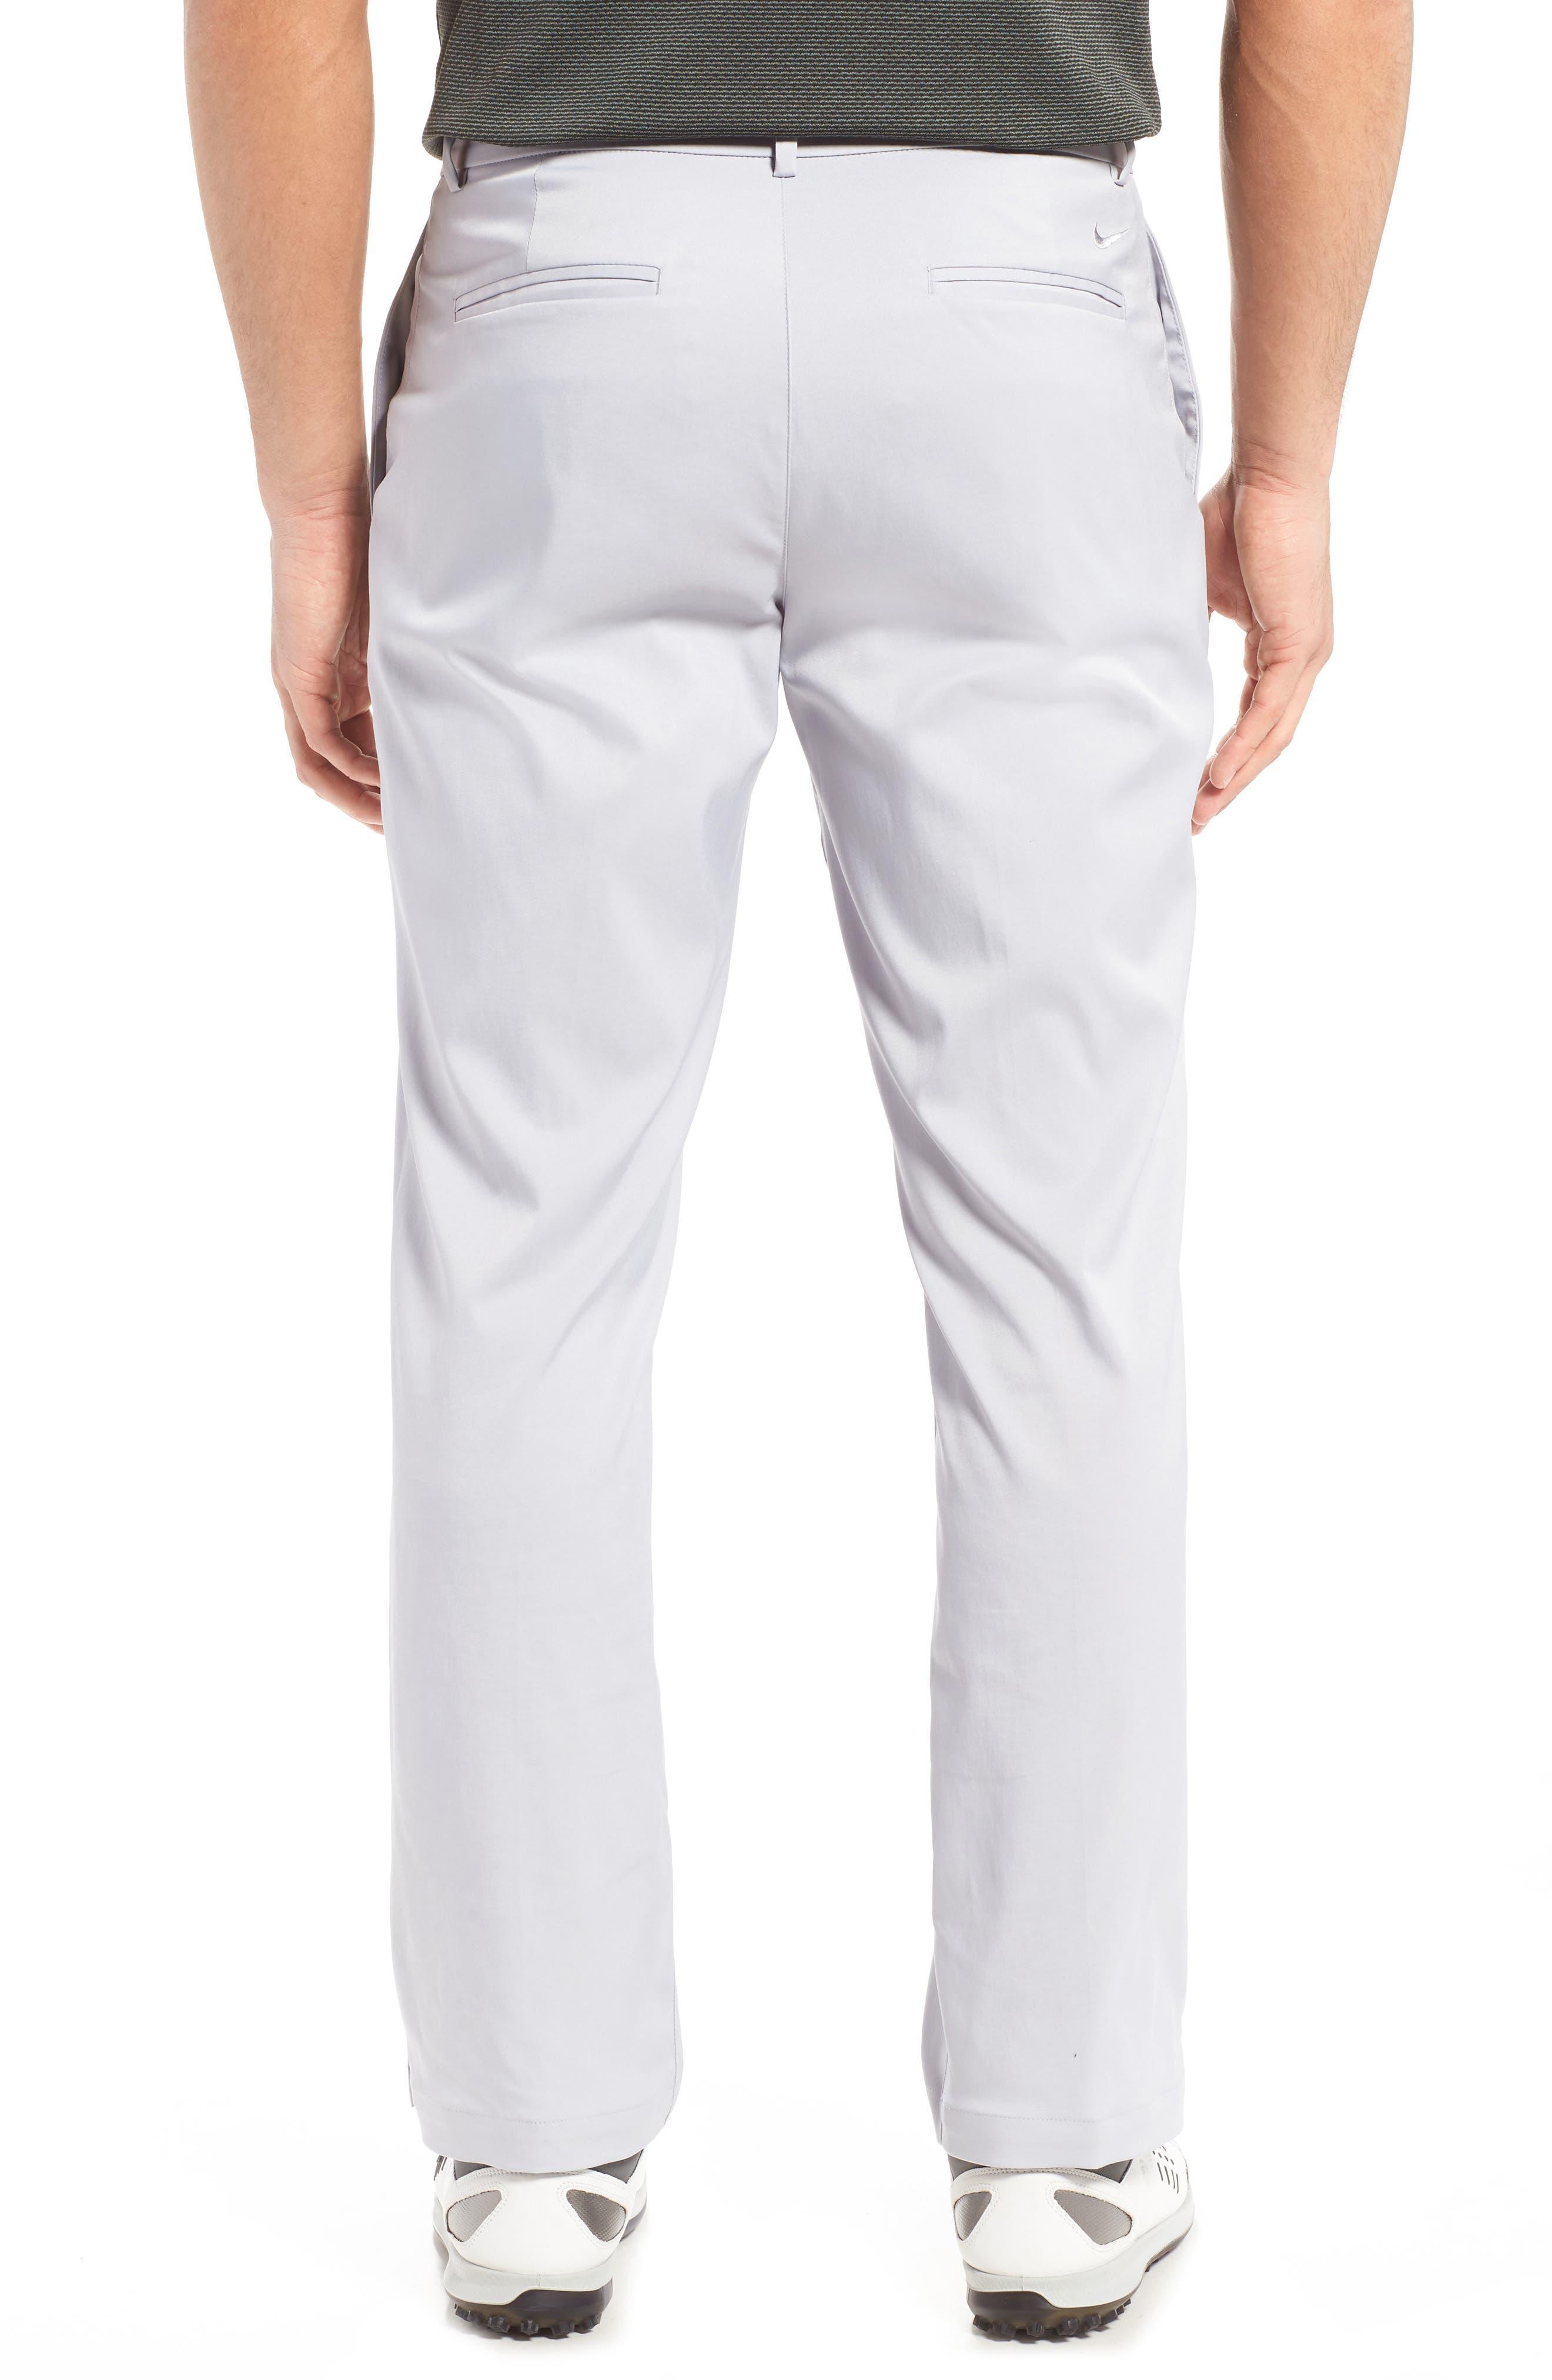 Flat Front Dri-FIT Tech Golf Pants,                             Alternate thumbnail 11, color,